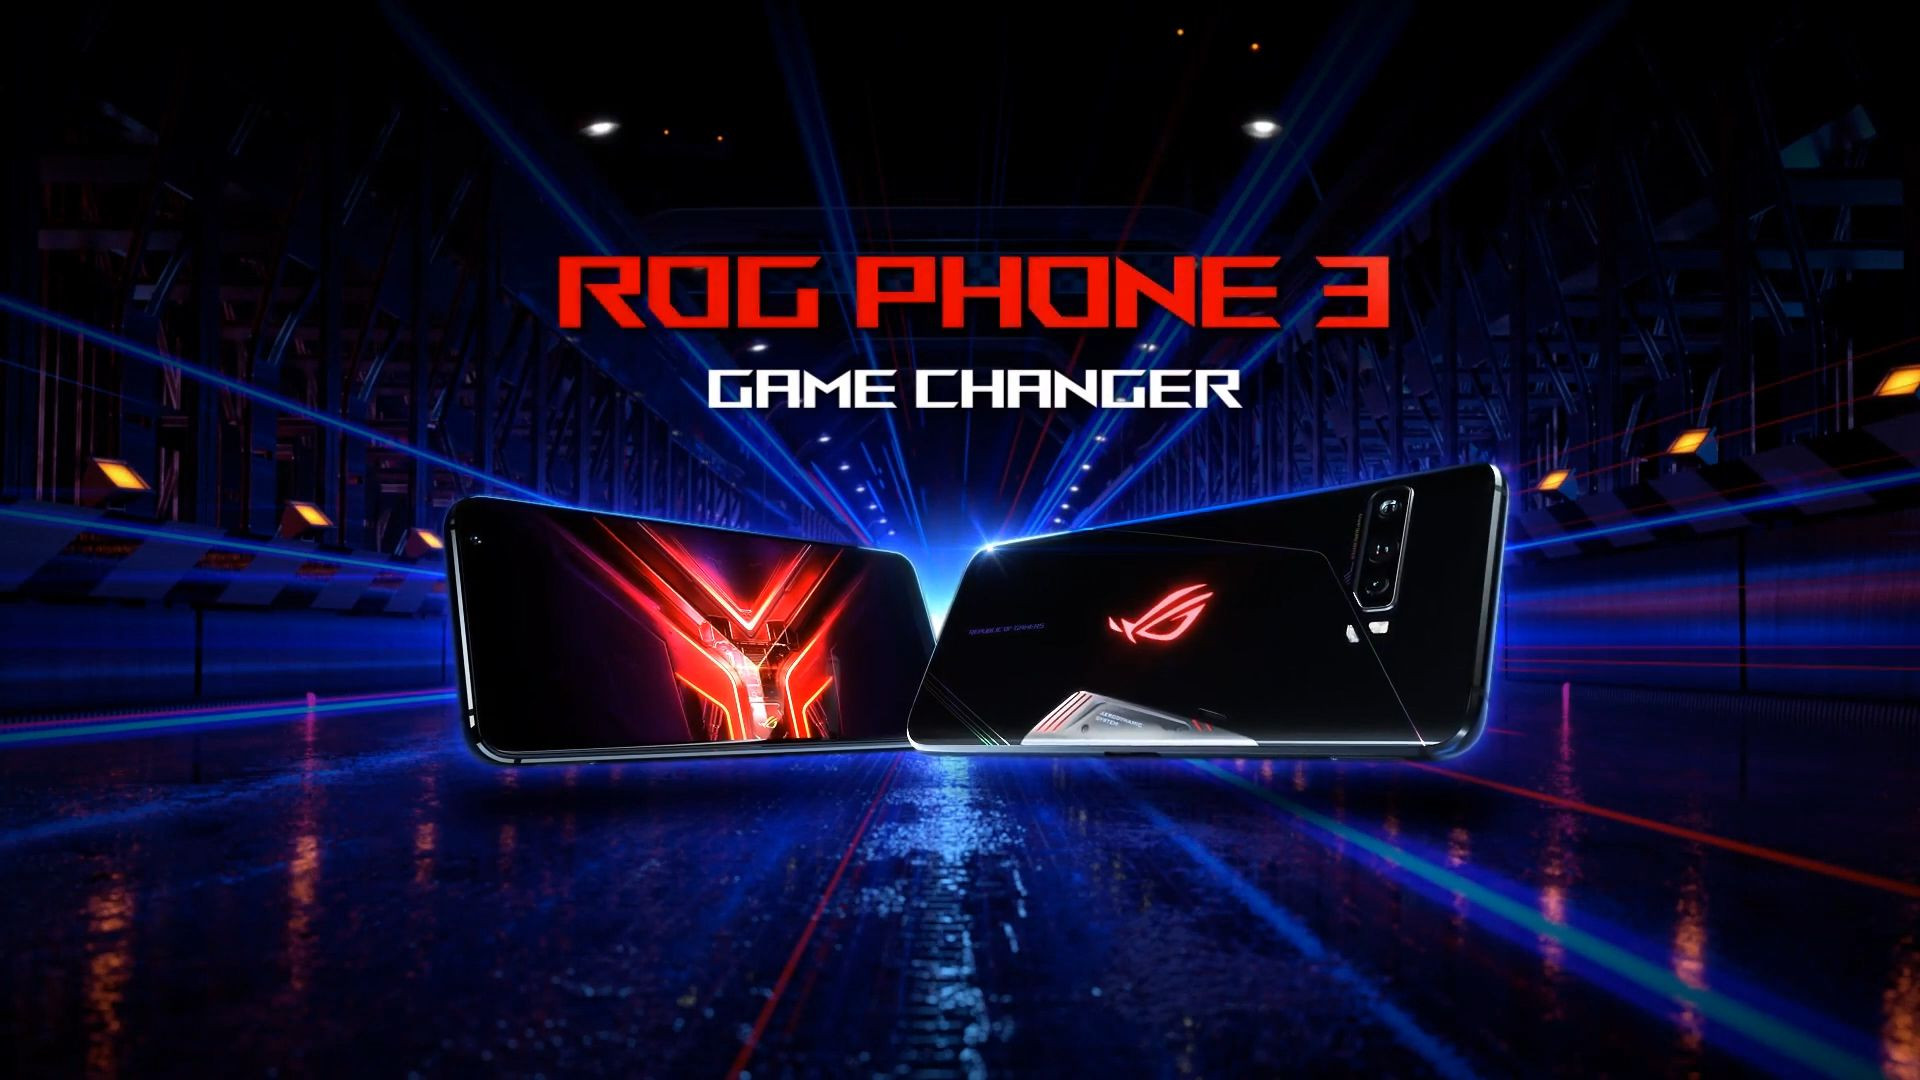 ASUS ROG Phone 3 presentato ufficialmente: il ritorno del re dei gaming smartphone (in due varianti)